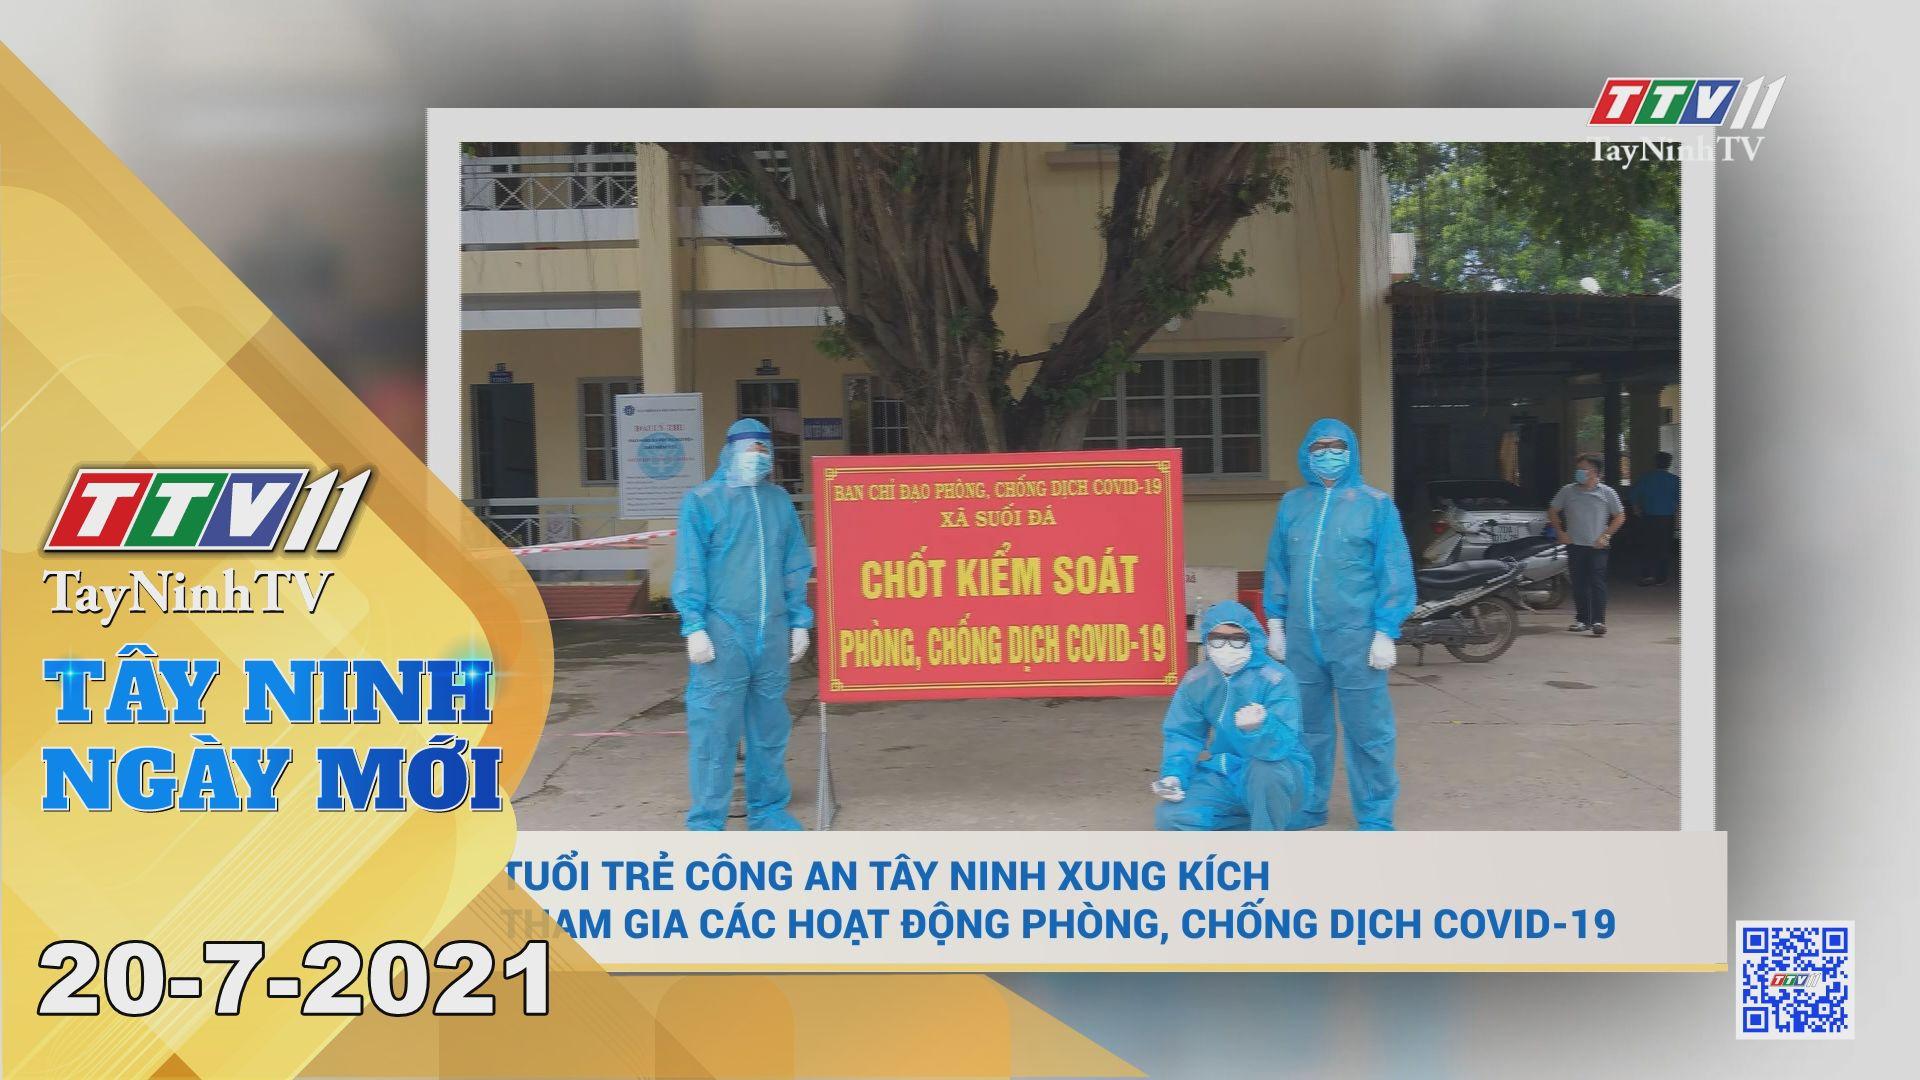 Tây Ninh Ngày Mới 20-7-2021 | Tin tức hôm nay | TayNinhTV